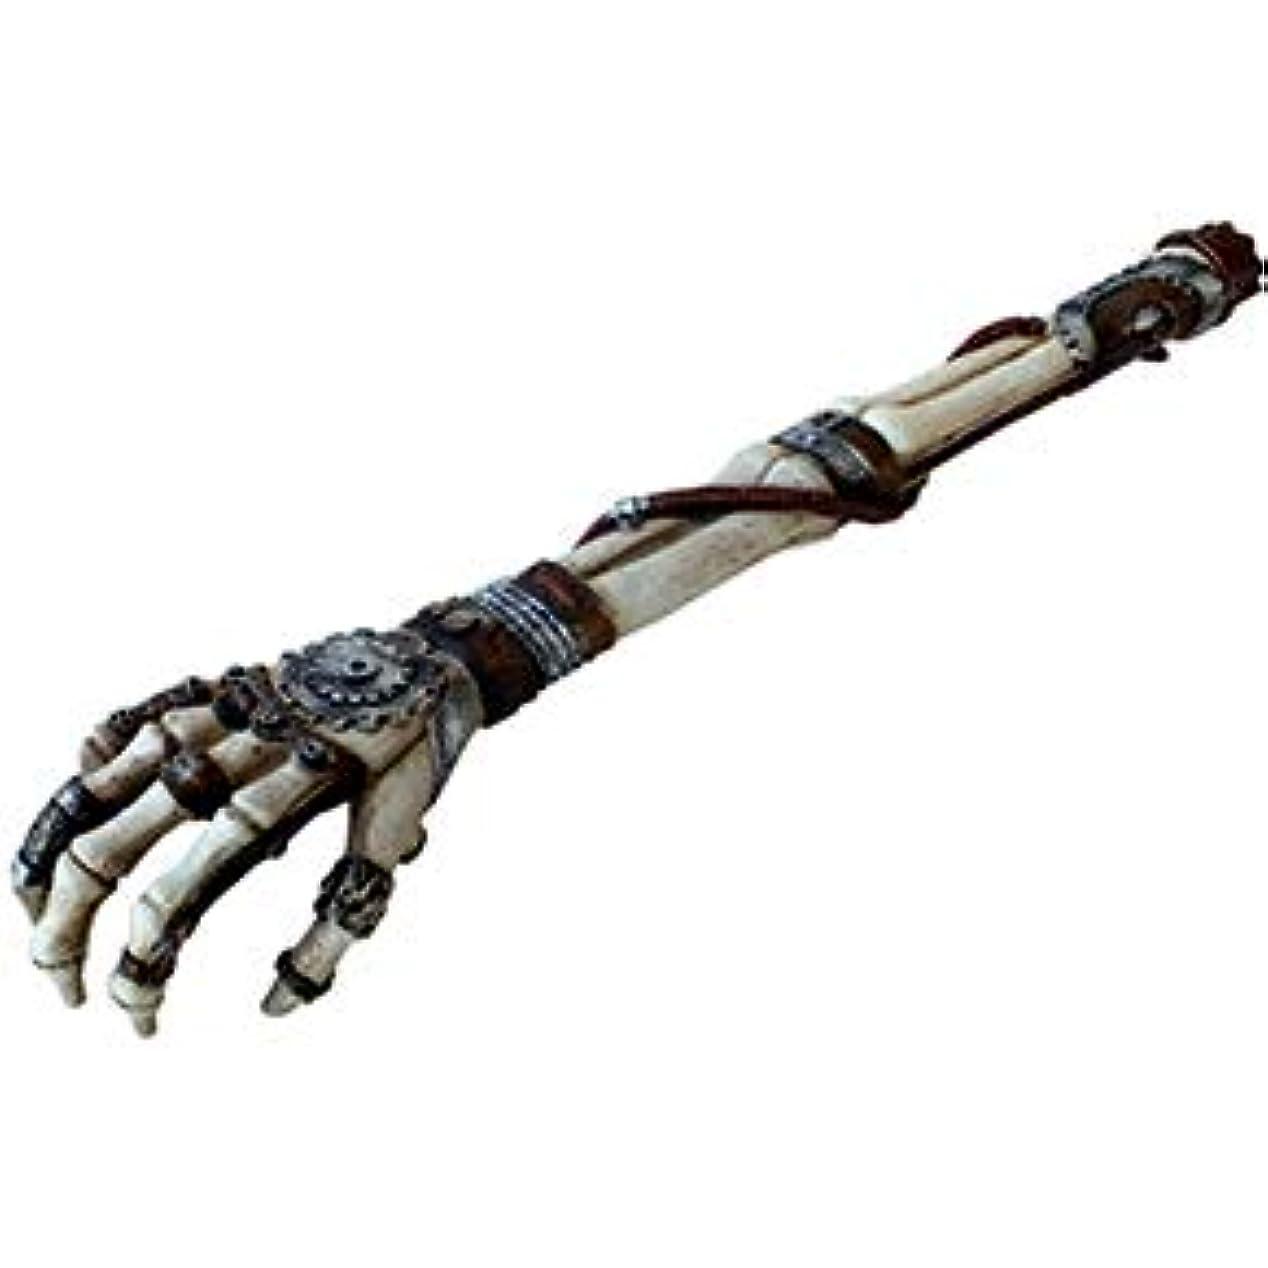 機械的に樹皮不調和スチームパンクスケルトンアーム バックスクラッチャー(孫の手) Steampunk Skeleton arm back scratcher